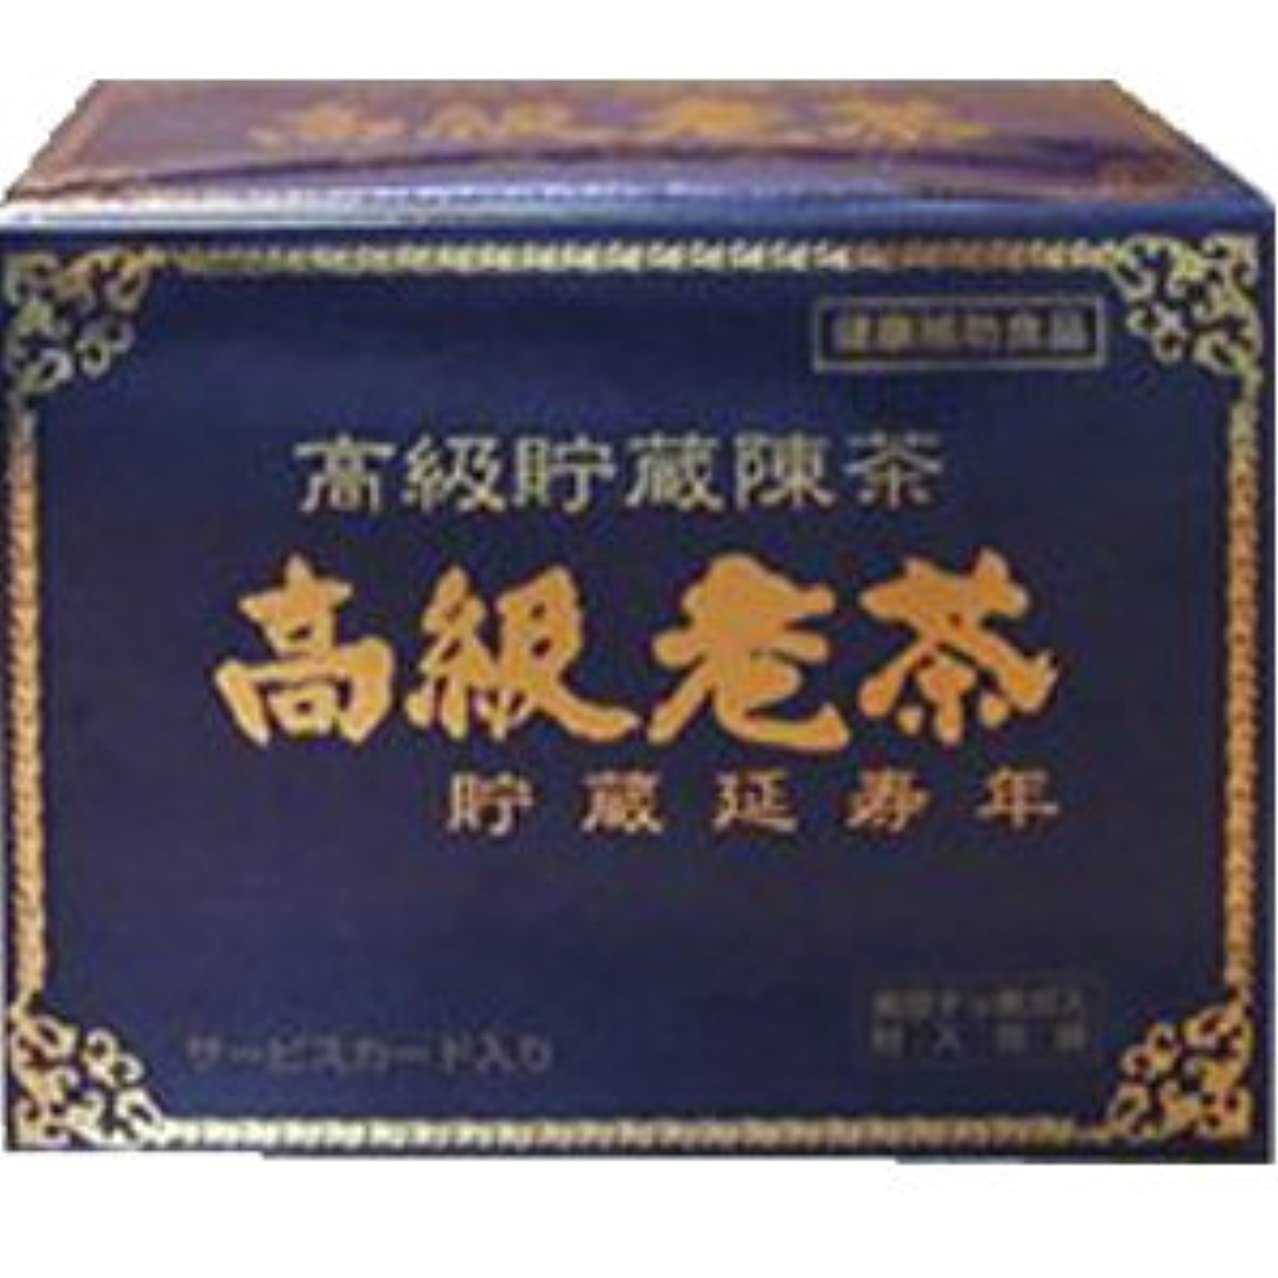 断片共和国ファン共栄 高級老茶 34包 (4972889000159)